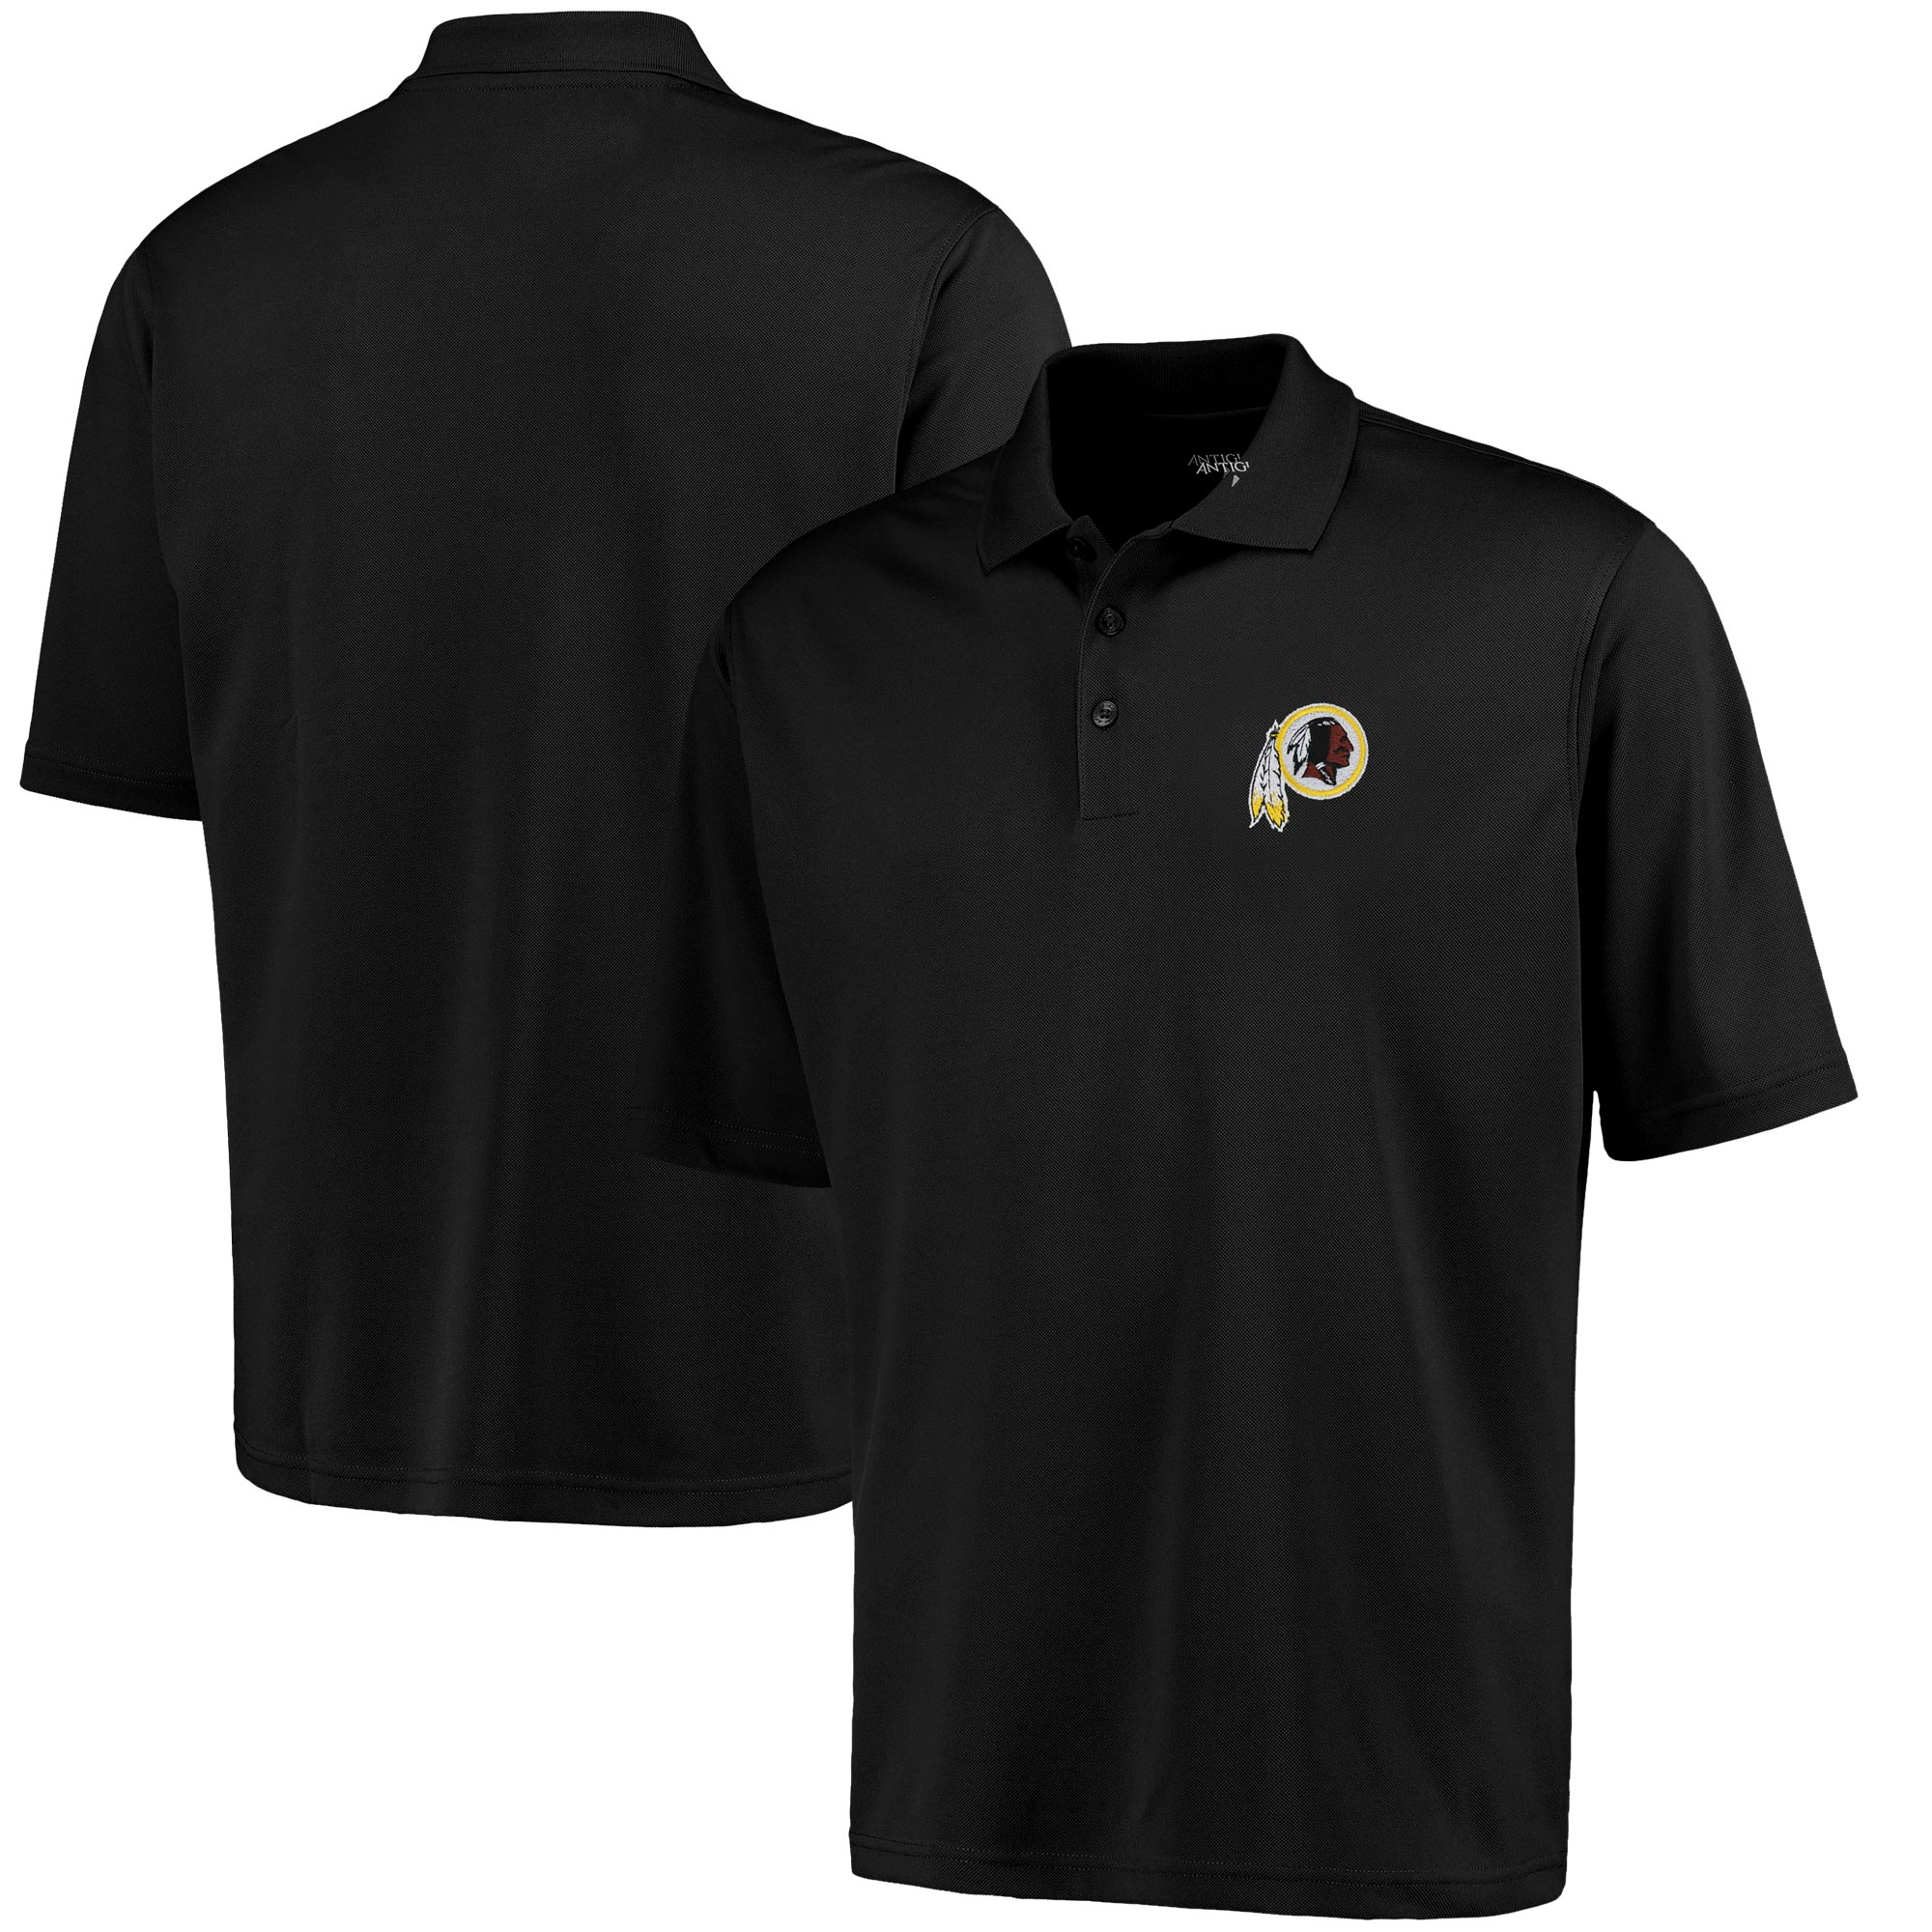 Antigua Washington Redskins Pique Xtra-Lite Polo - Black